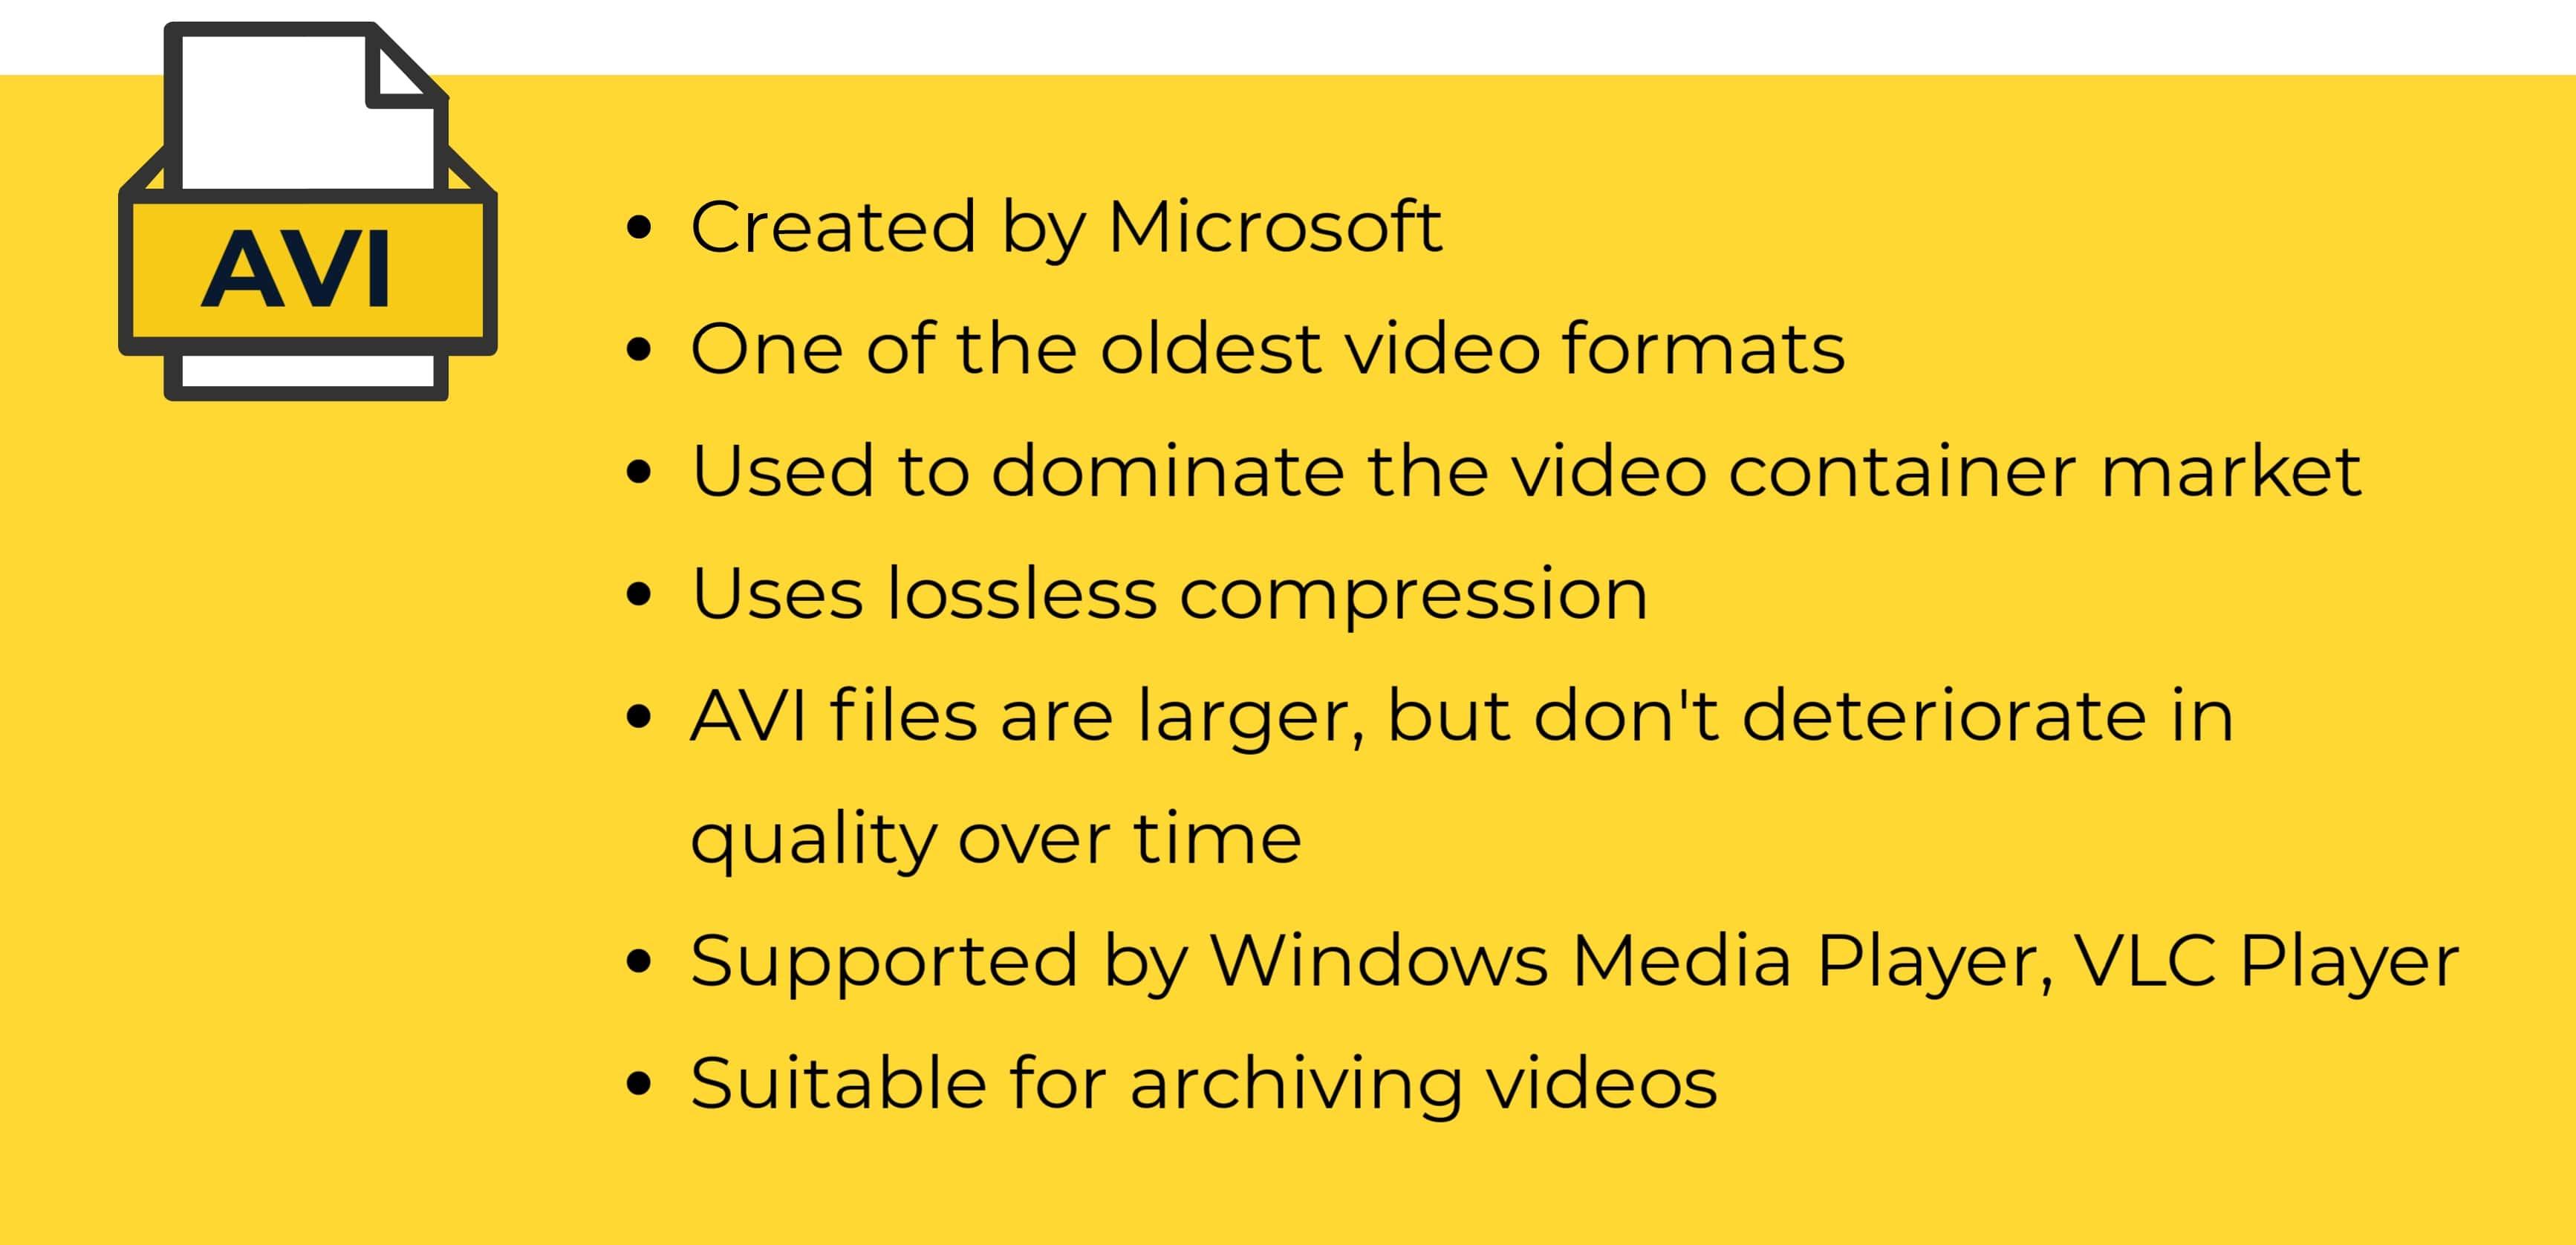 AVI video format